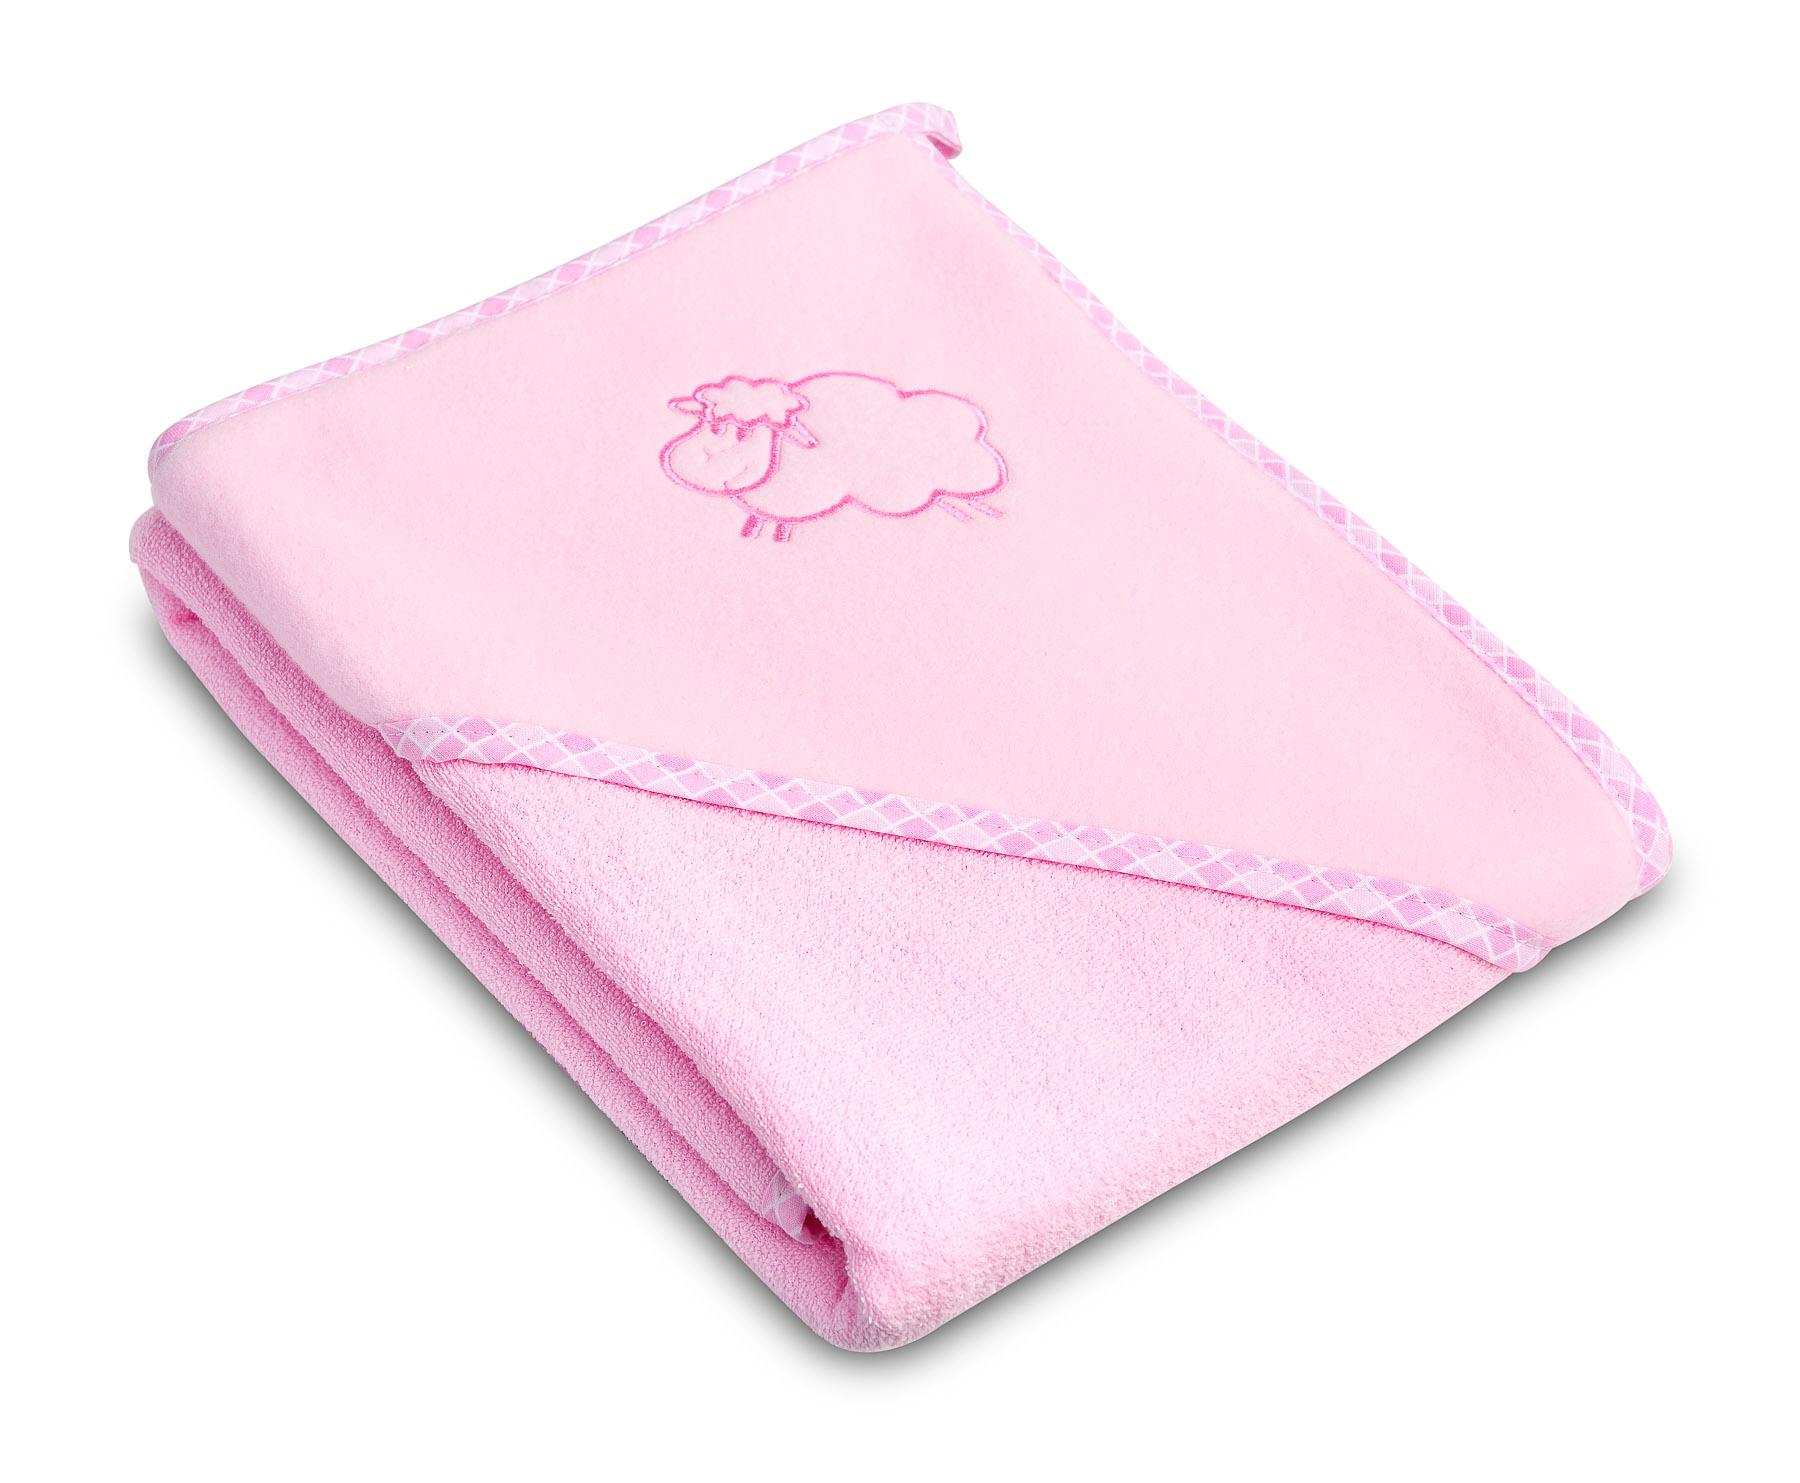 Lamb soft bath towel – pink